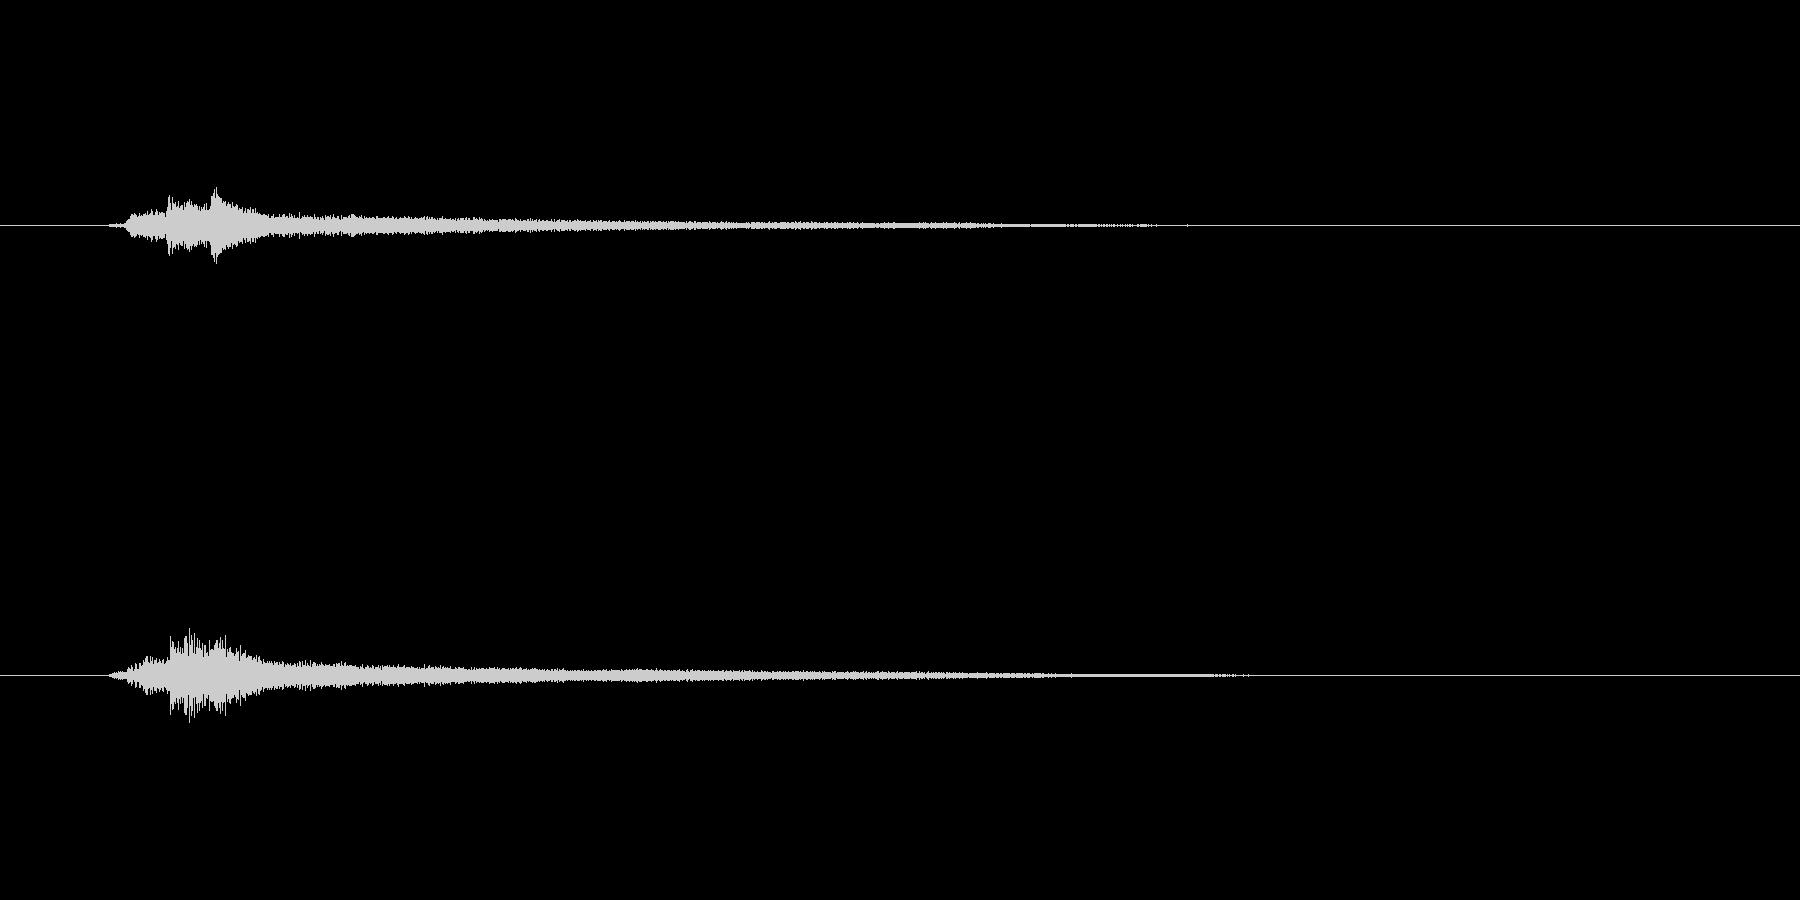 ピアノコードによるサウンドロゴ2の未再生の波形